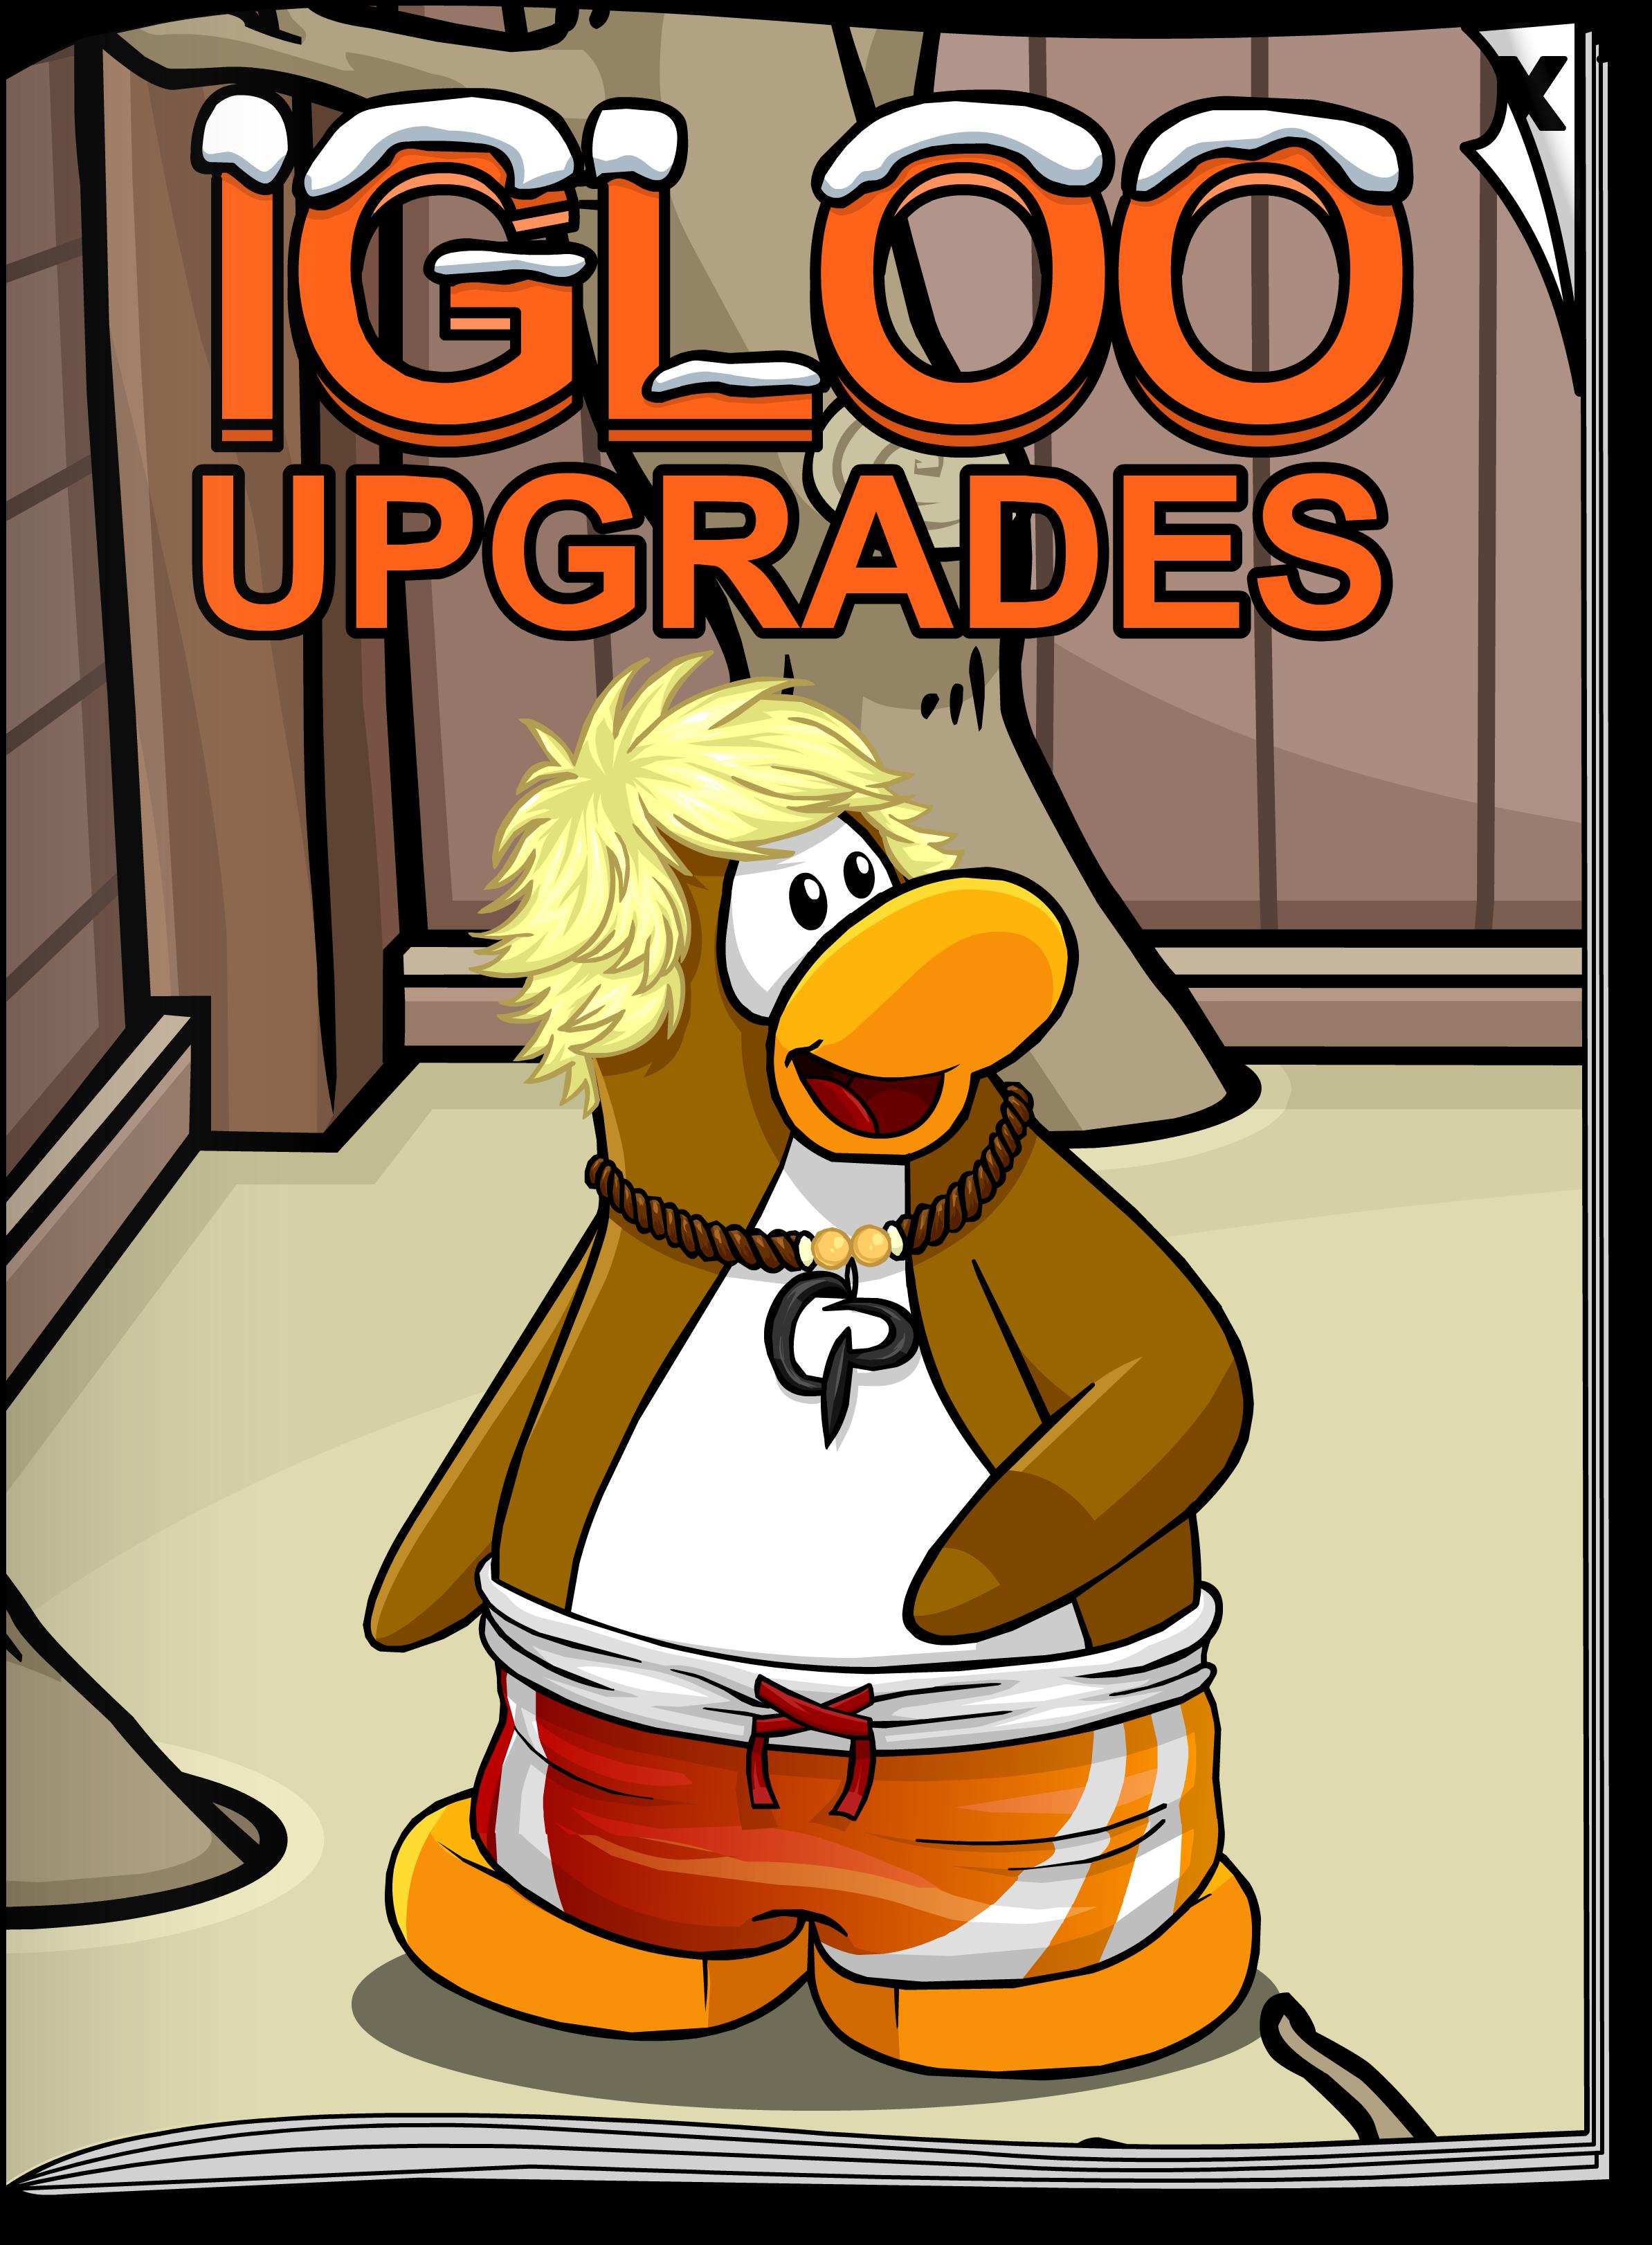 Igloo Upgrades Aug'19